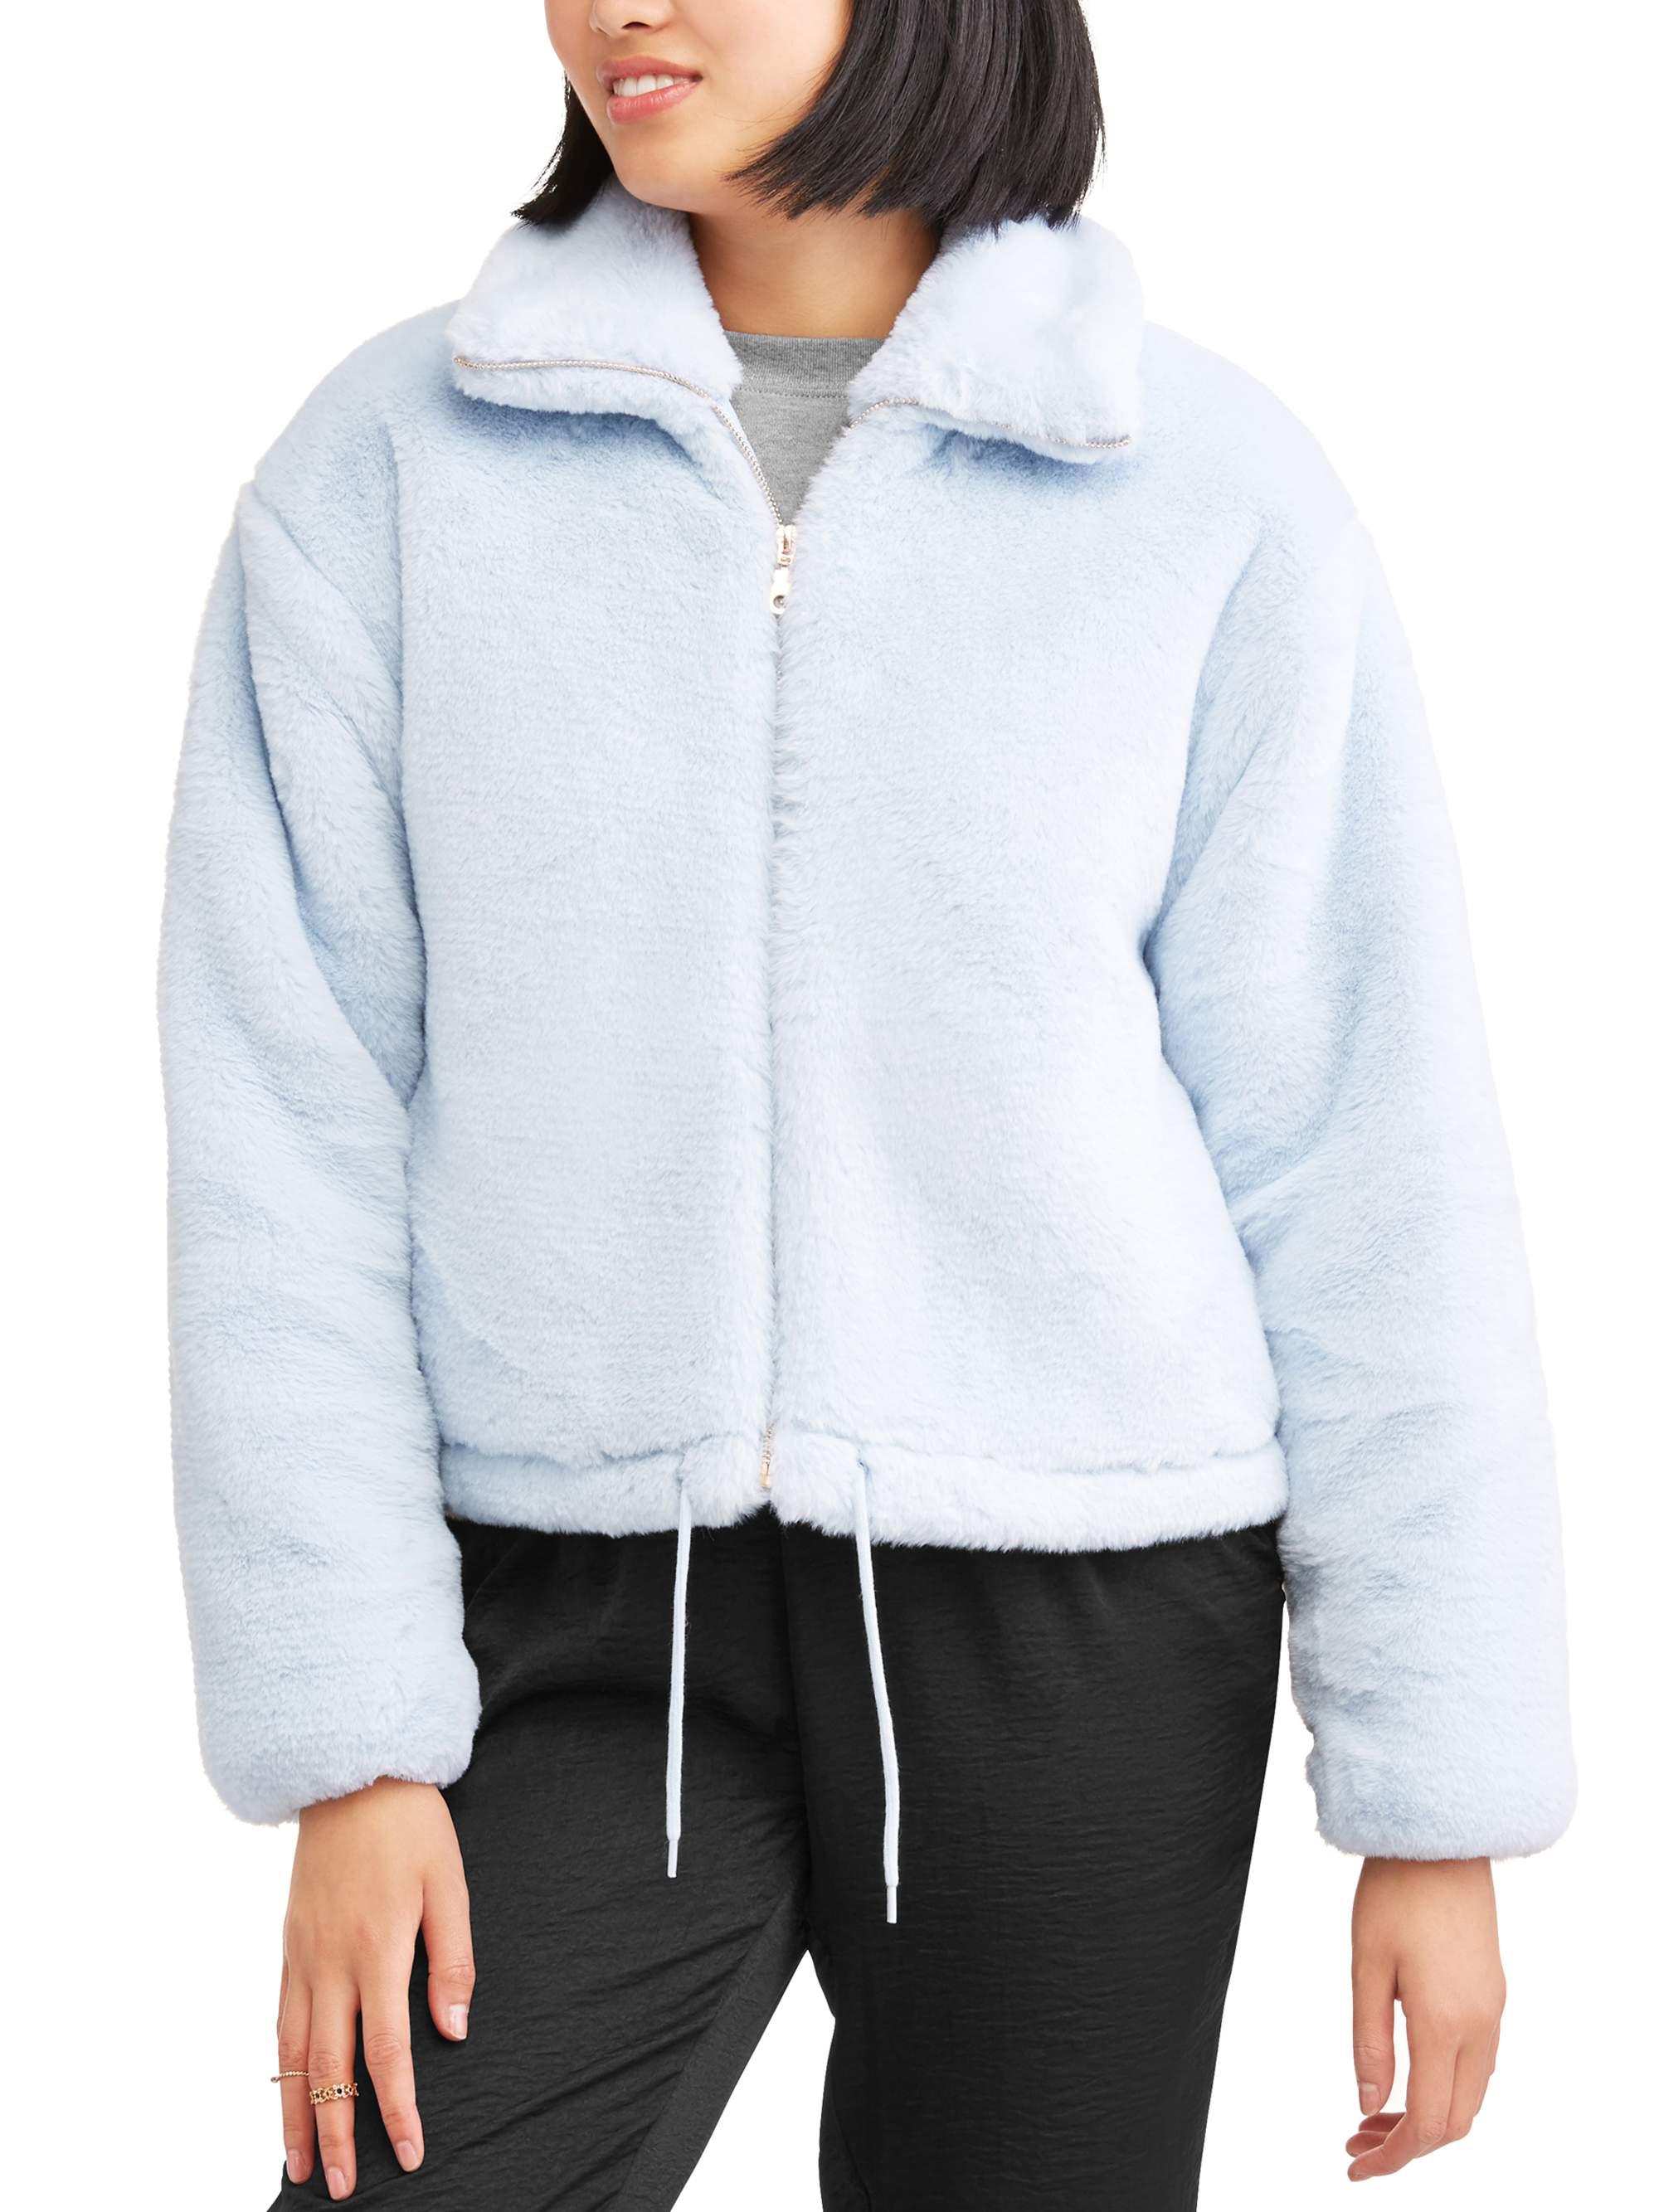 BHIP Juniors' Cozy Faux Fur Zip Front Jacket